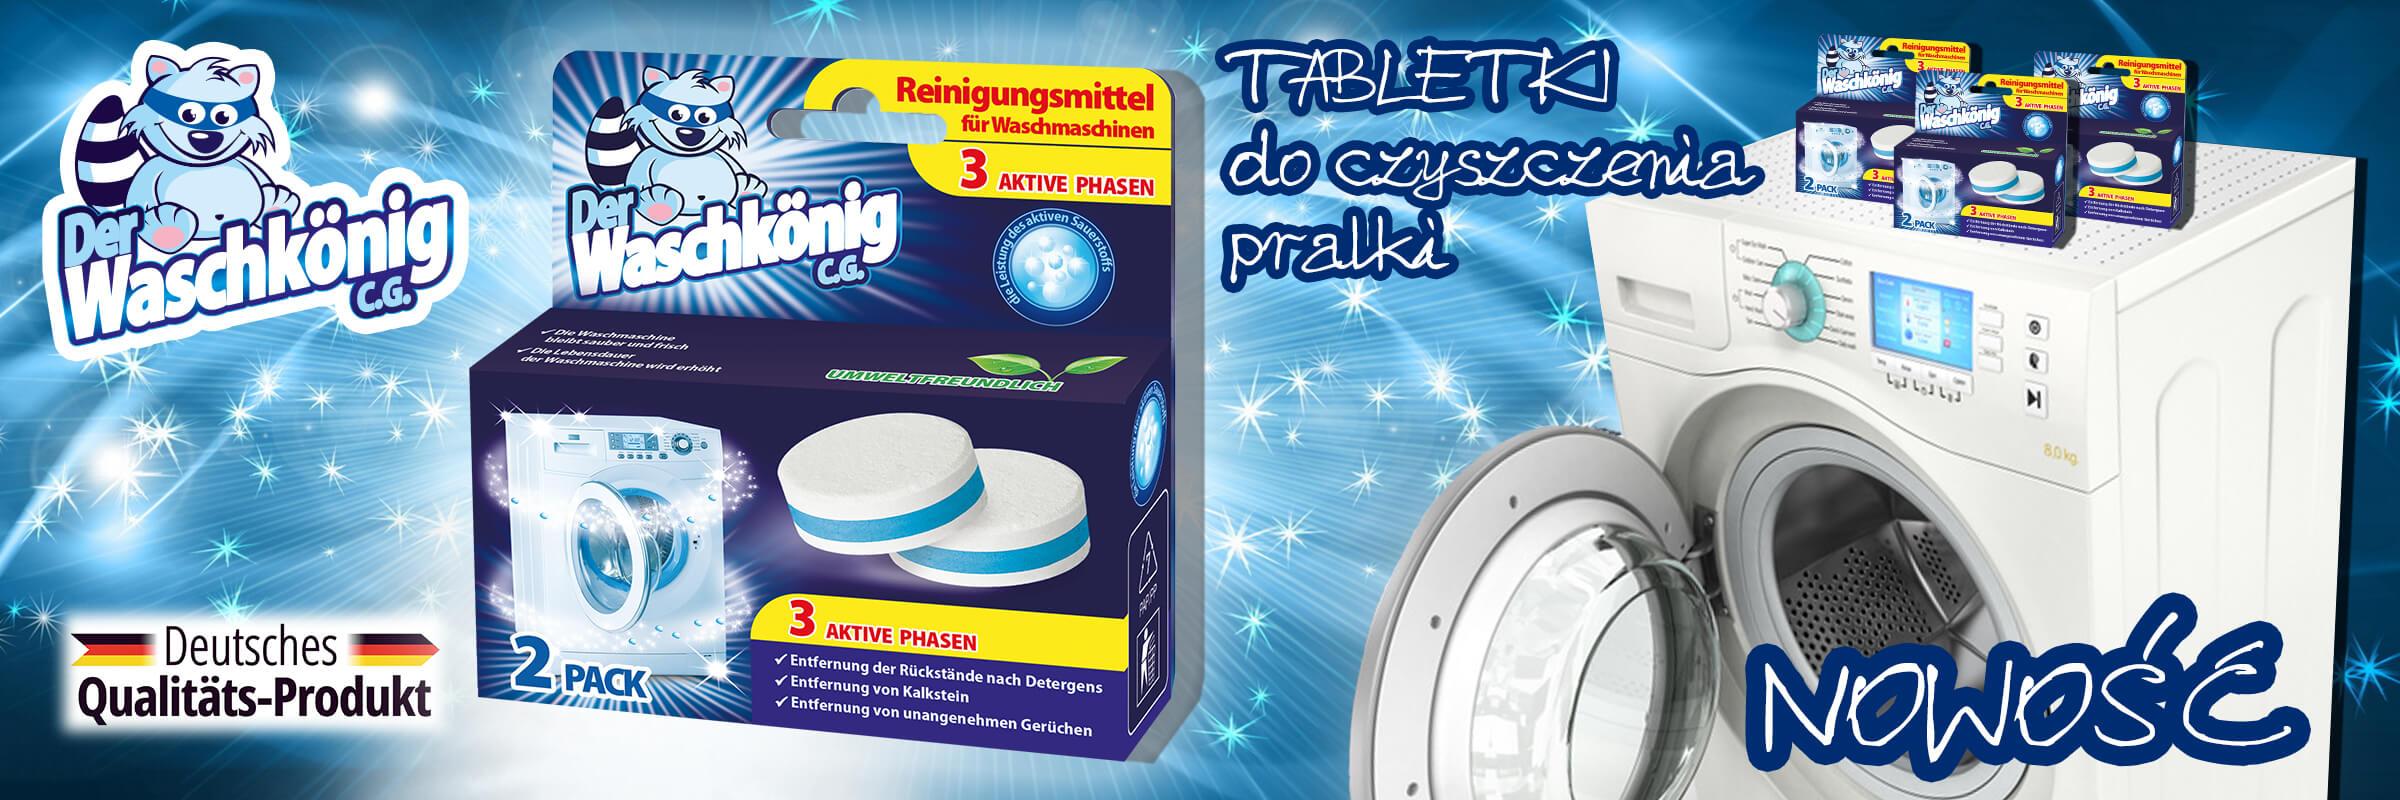 Nowość w ofercie - tabletki do czyszczenia pralki Der Waschkönig C.G.